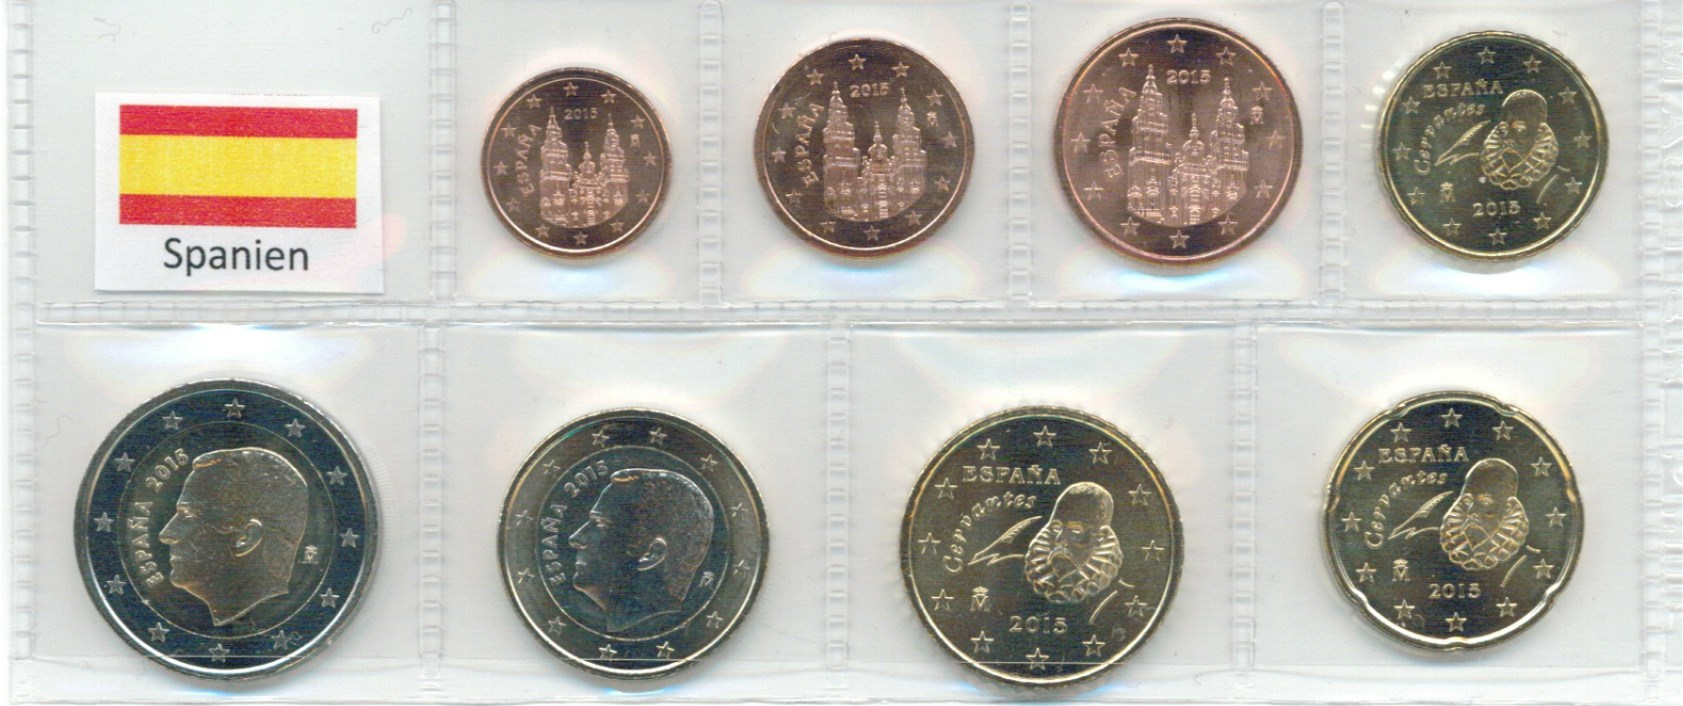 Kurs Münz Satz Spanien 2015 1 Cent Bis 2 Euro Neue Motive Graf